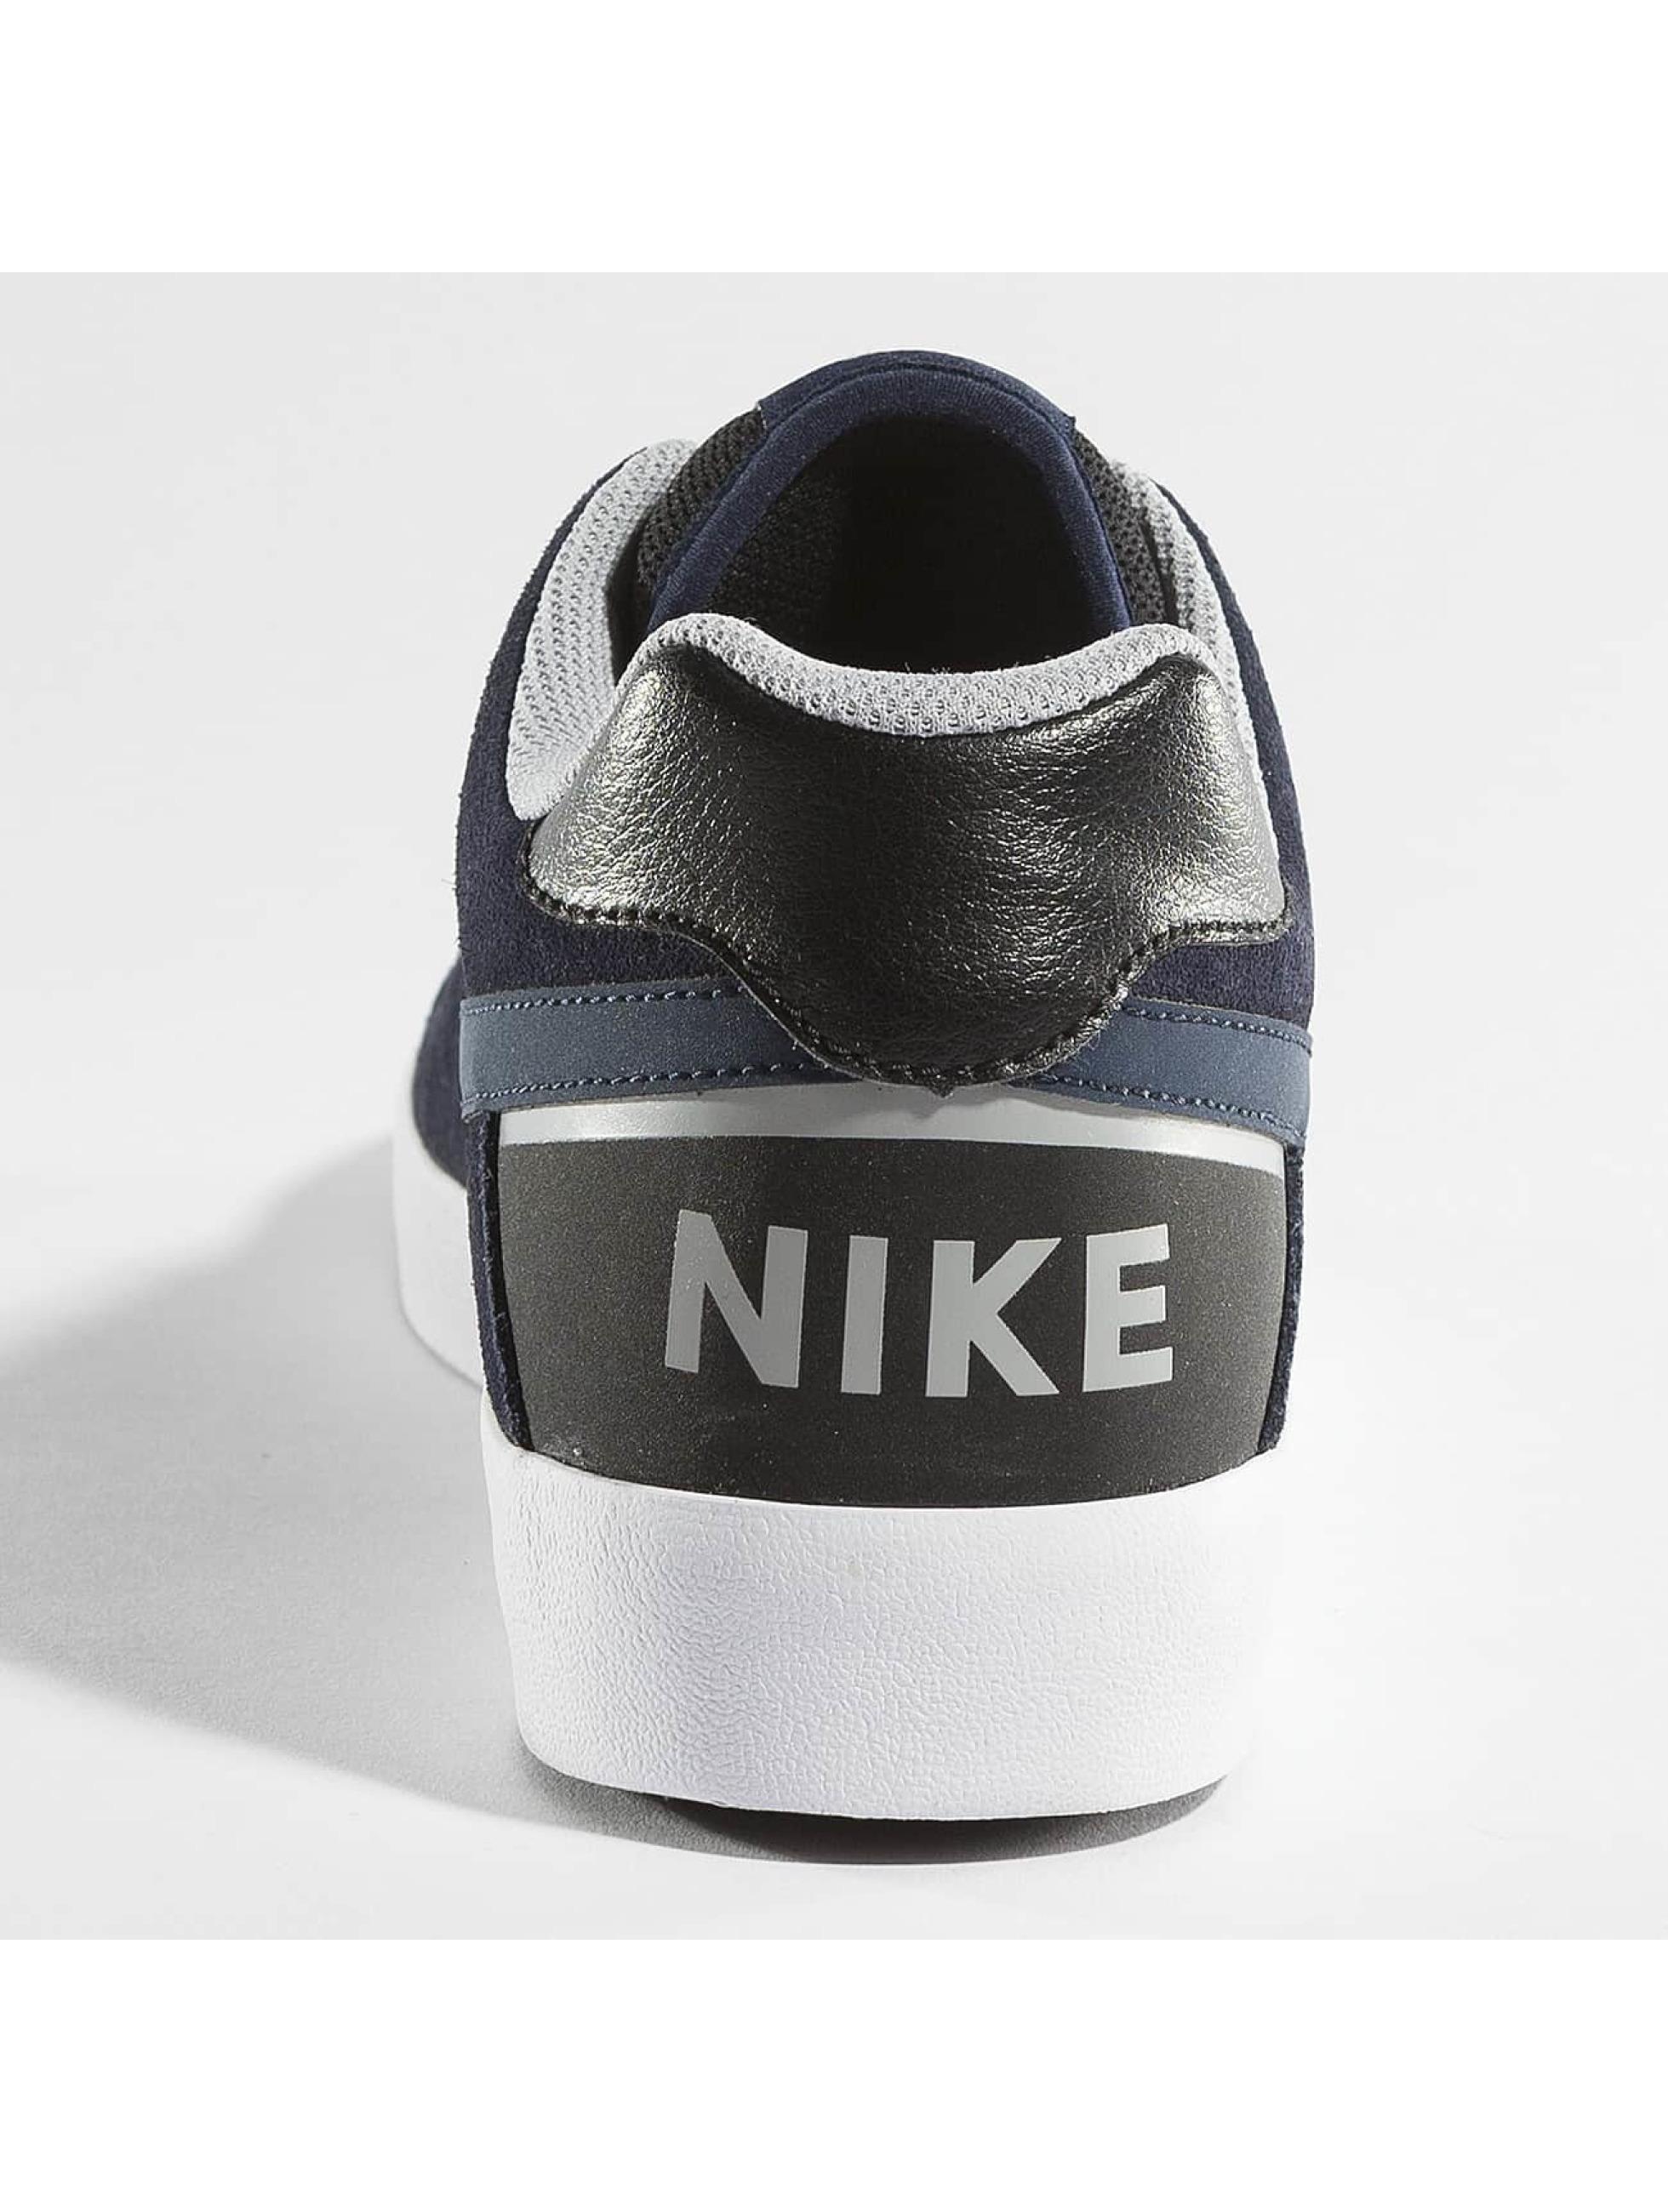 Nike Sneaker Delta Force Vulc Skateboarding grau